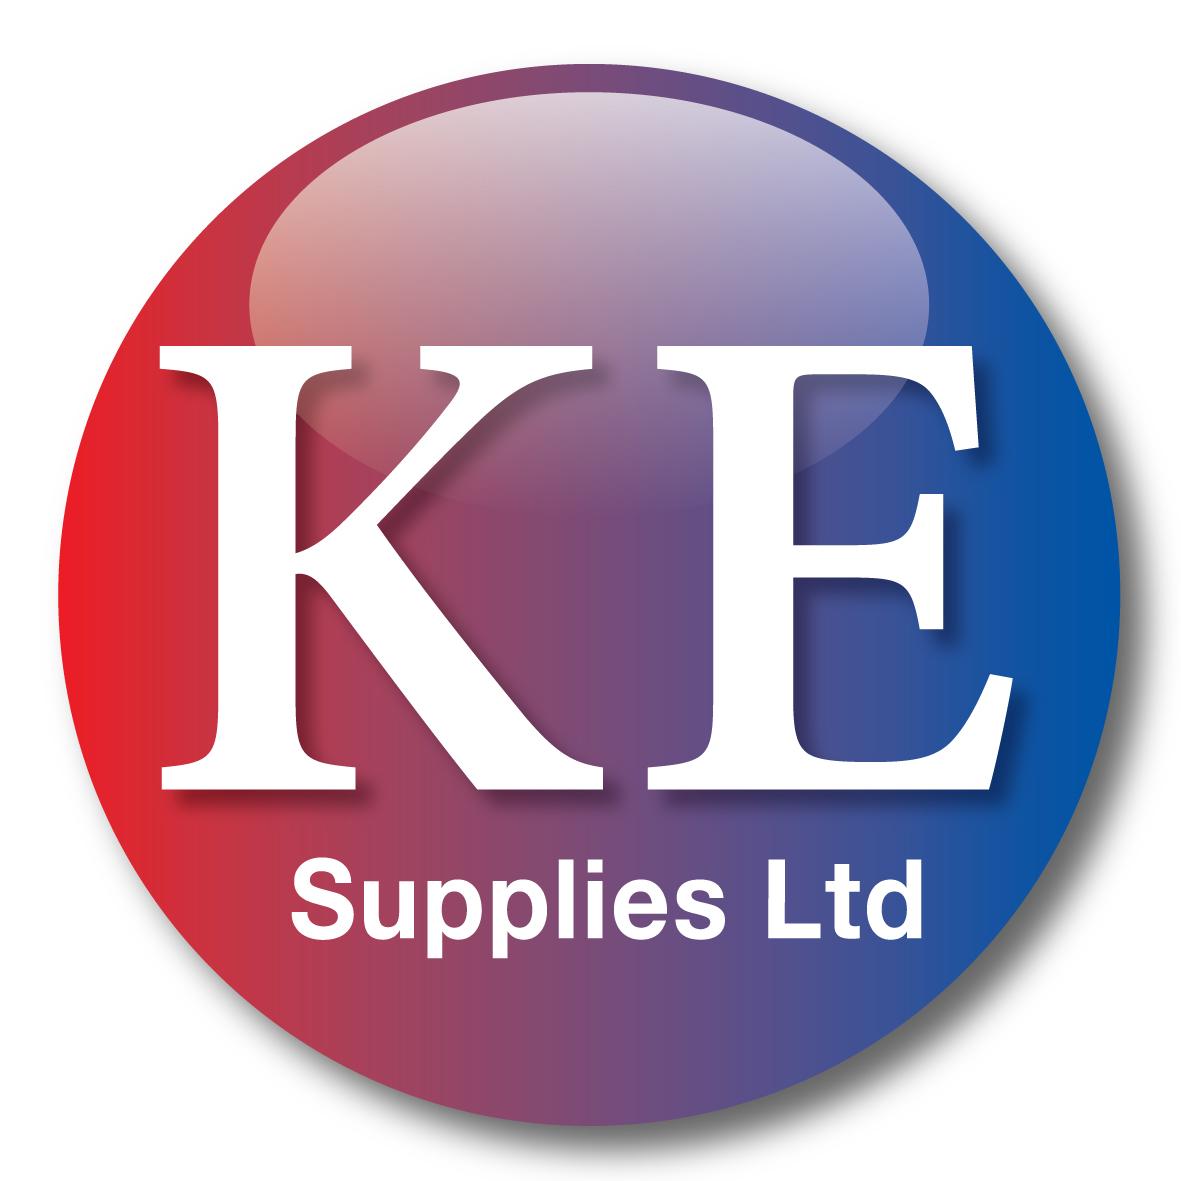 KE Suppliers